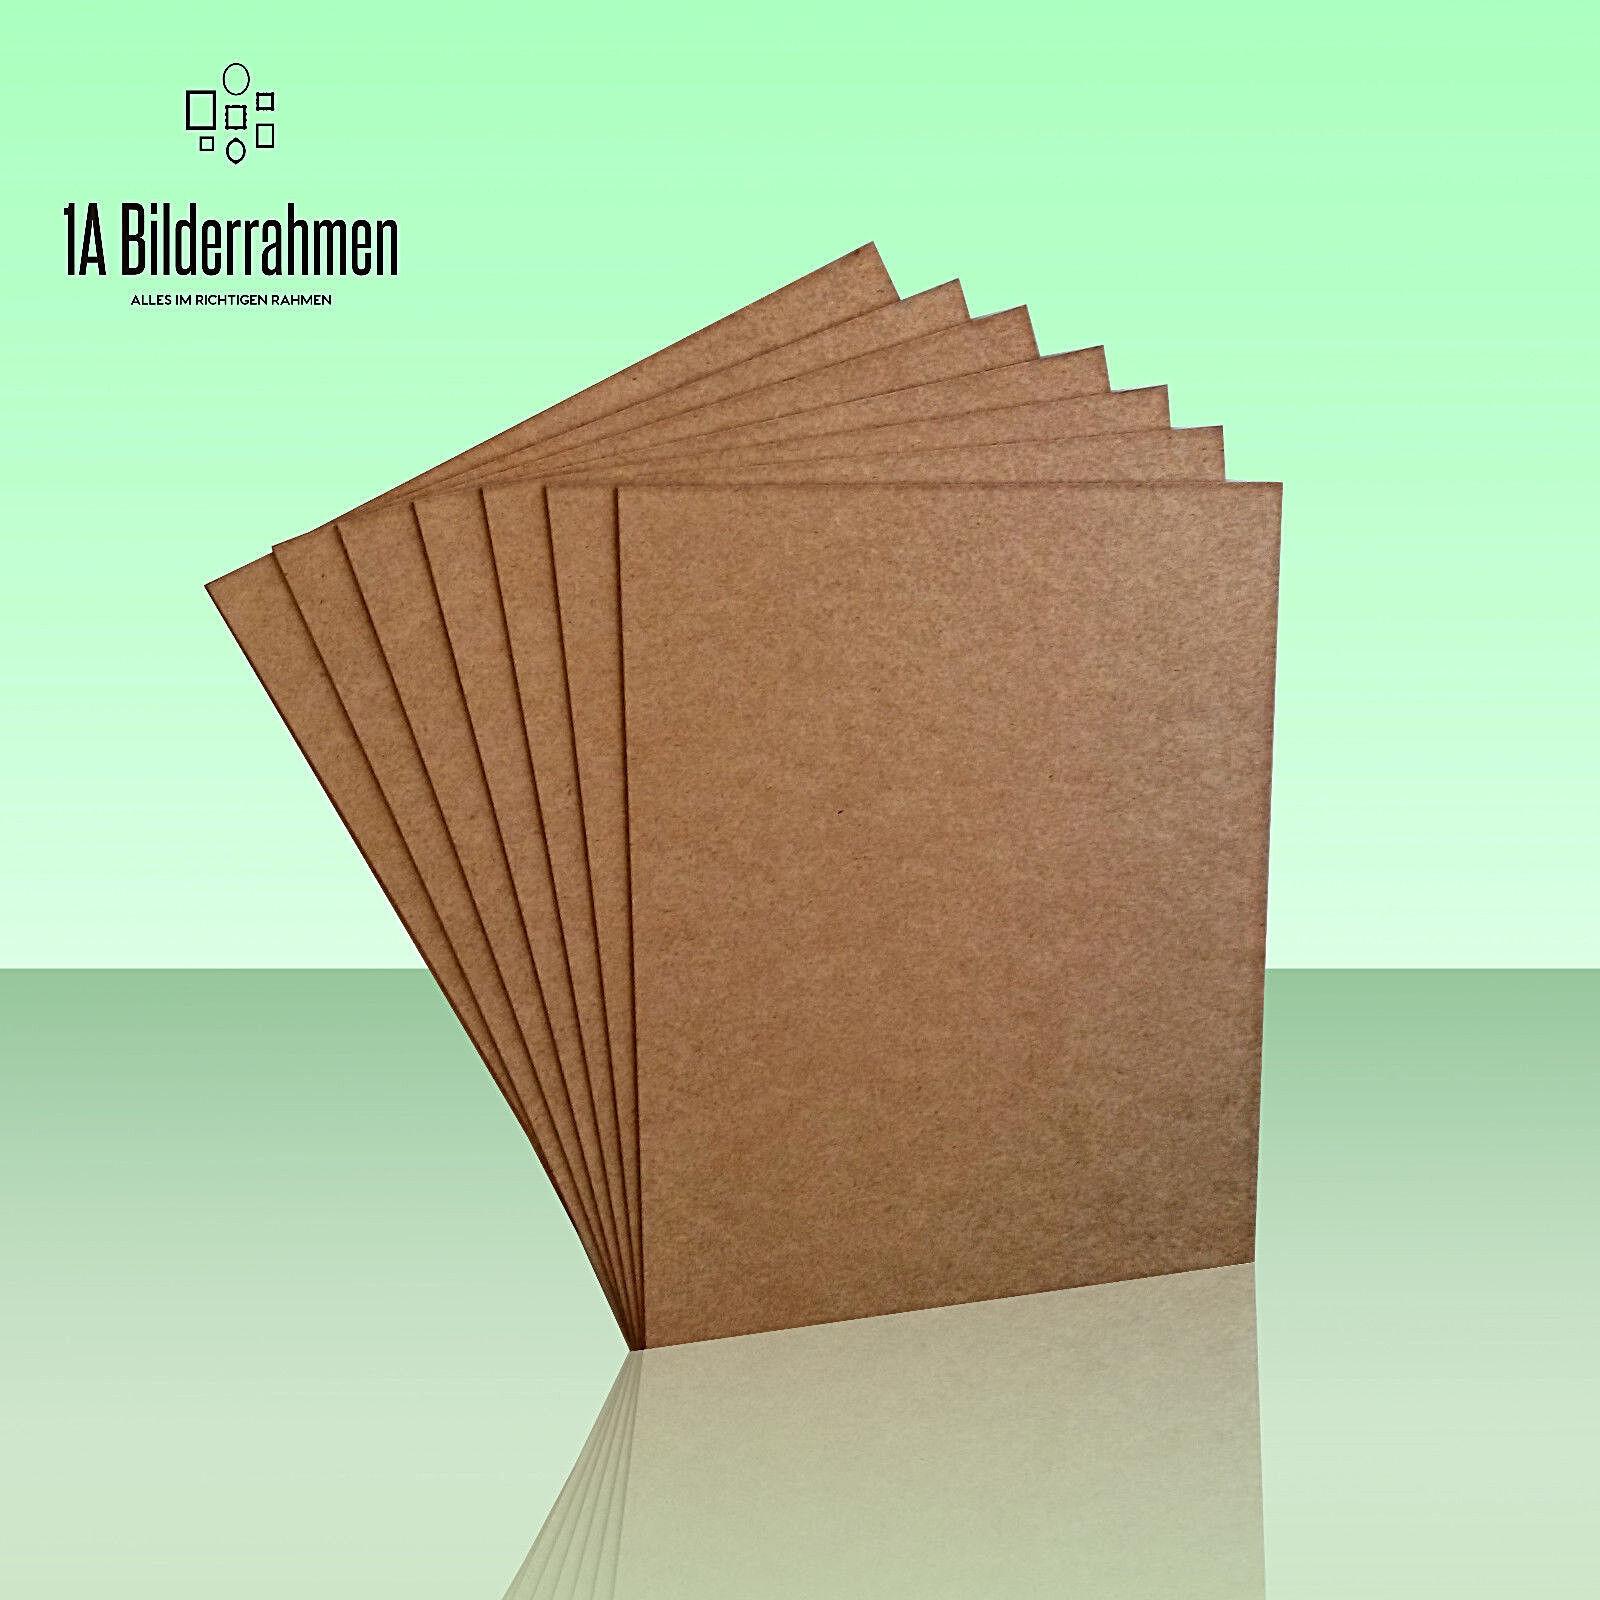 10x MDF Platte 2,5 mm stark Holz Zuschnitt Faserplatte viele Größen braun roh